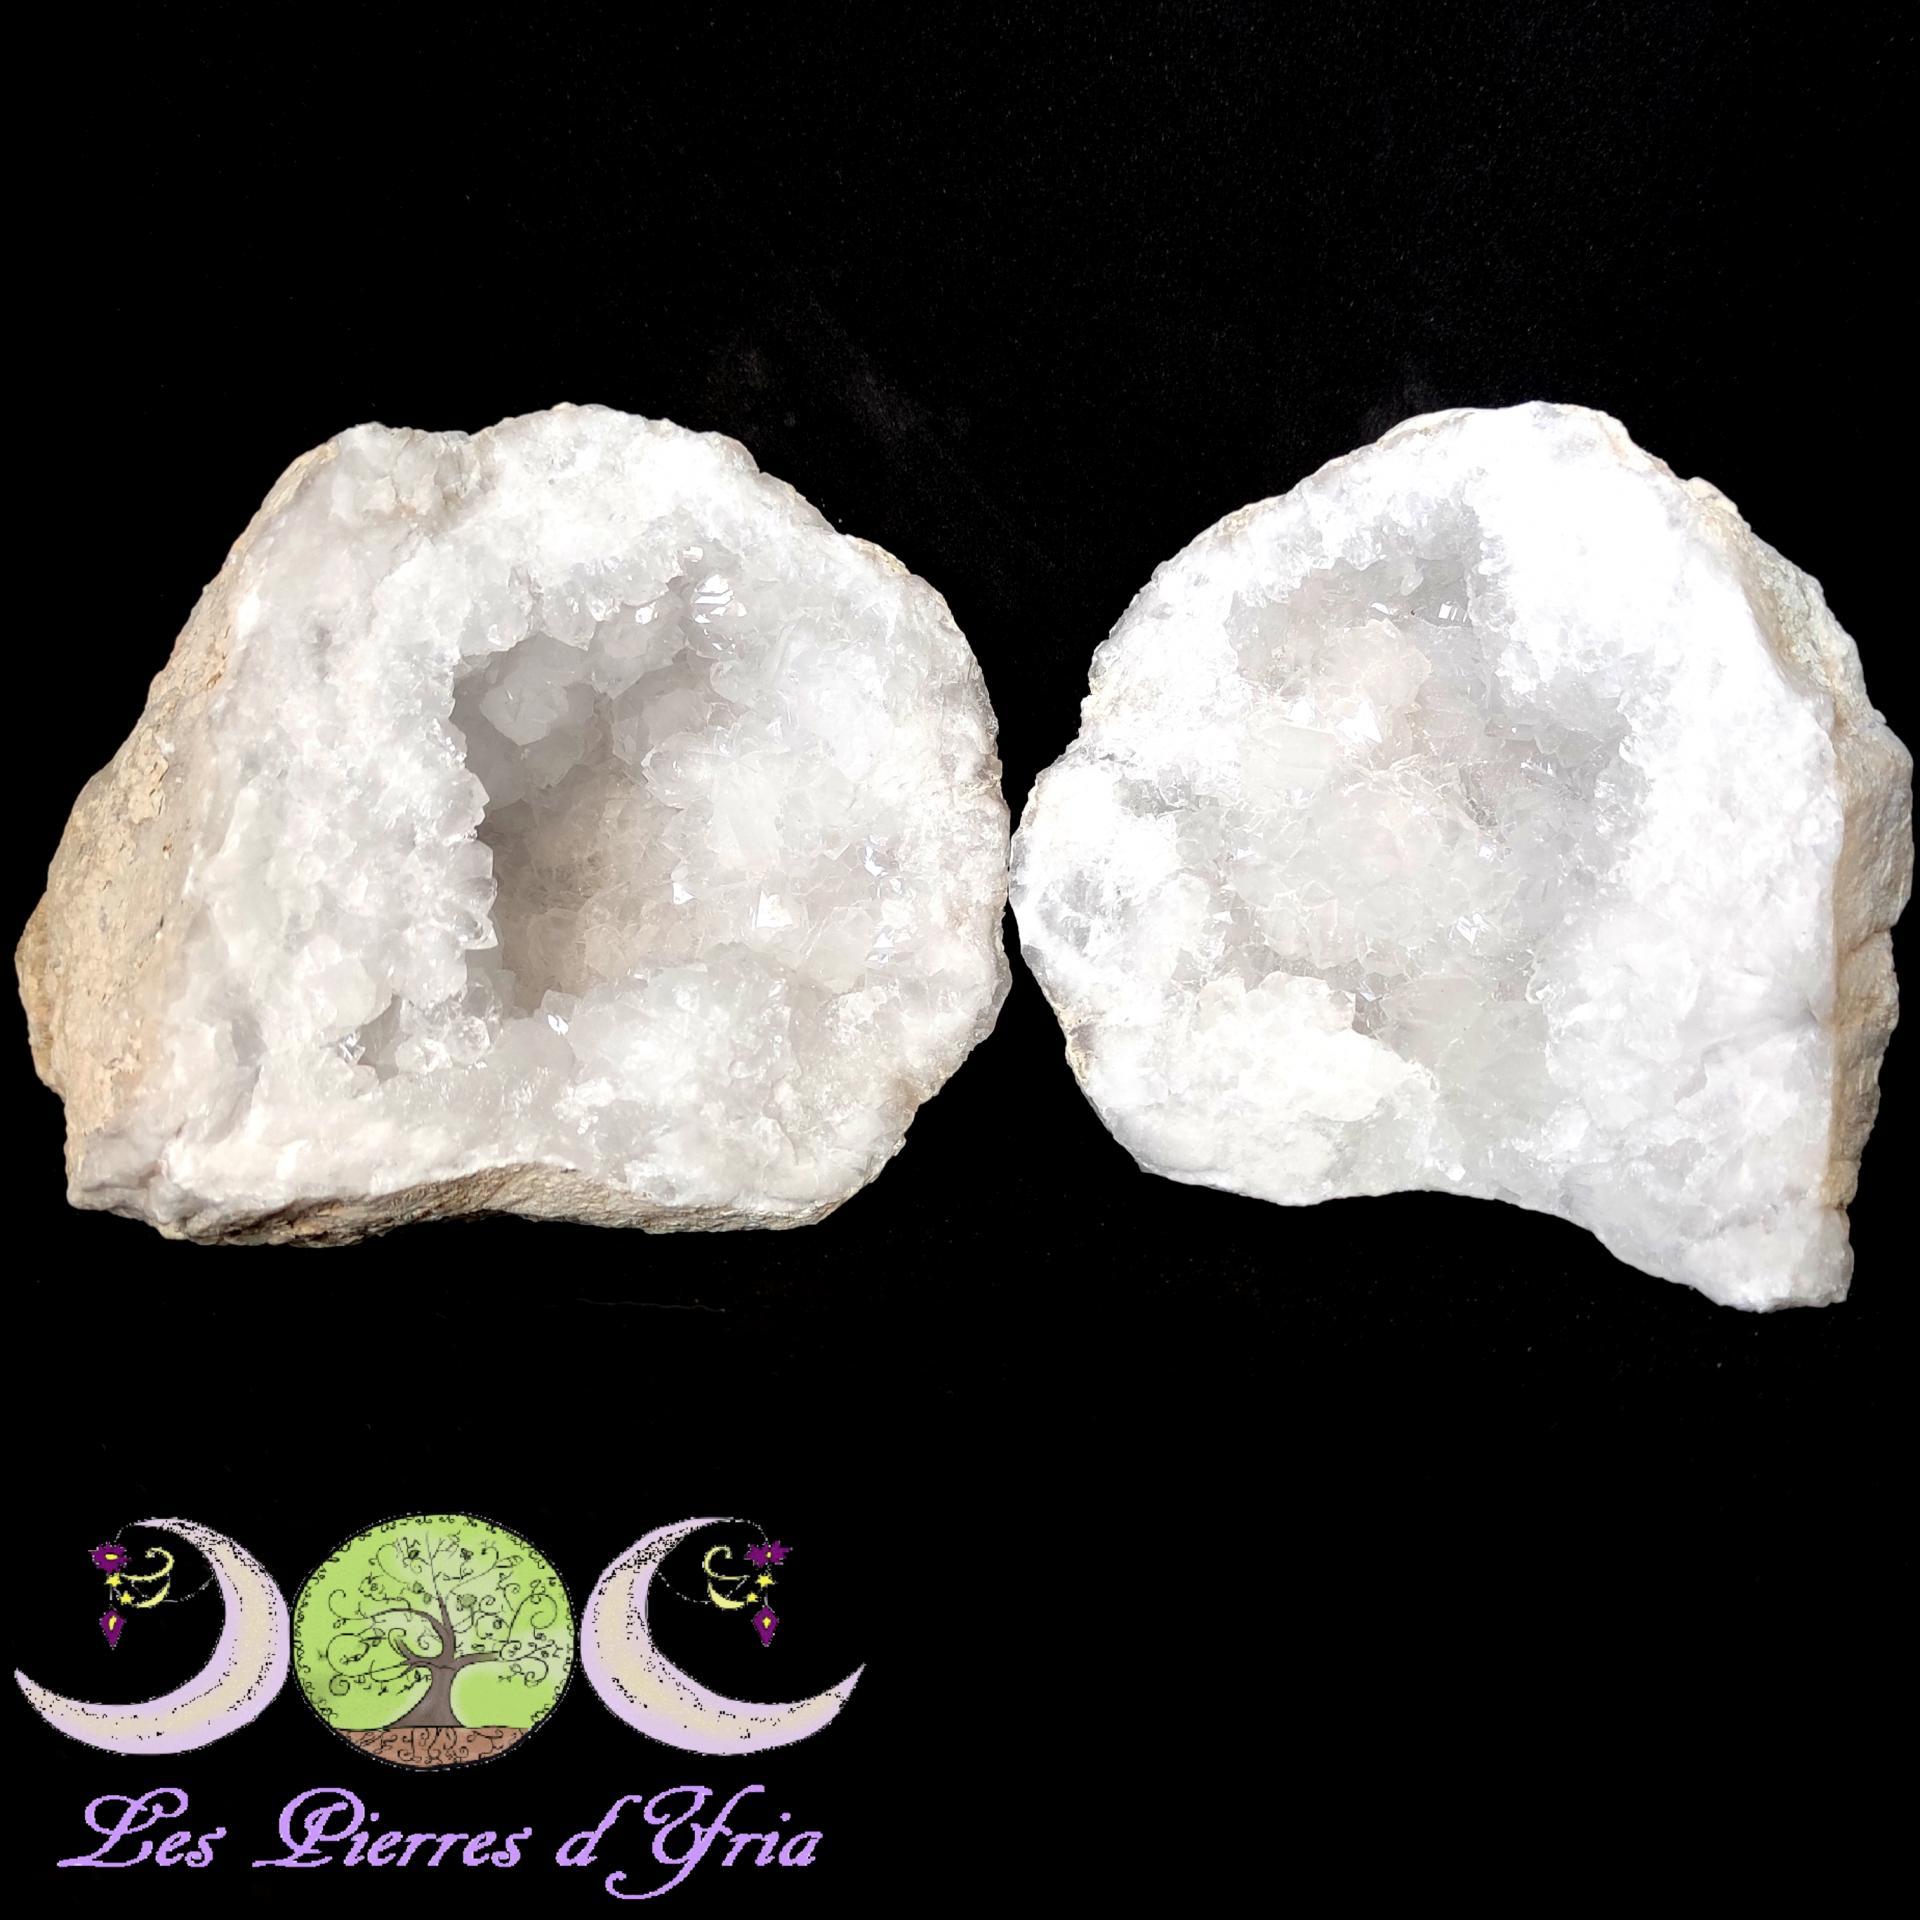 Geode 5 gf